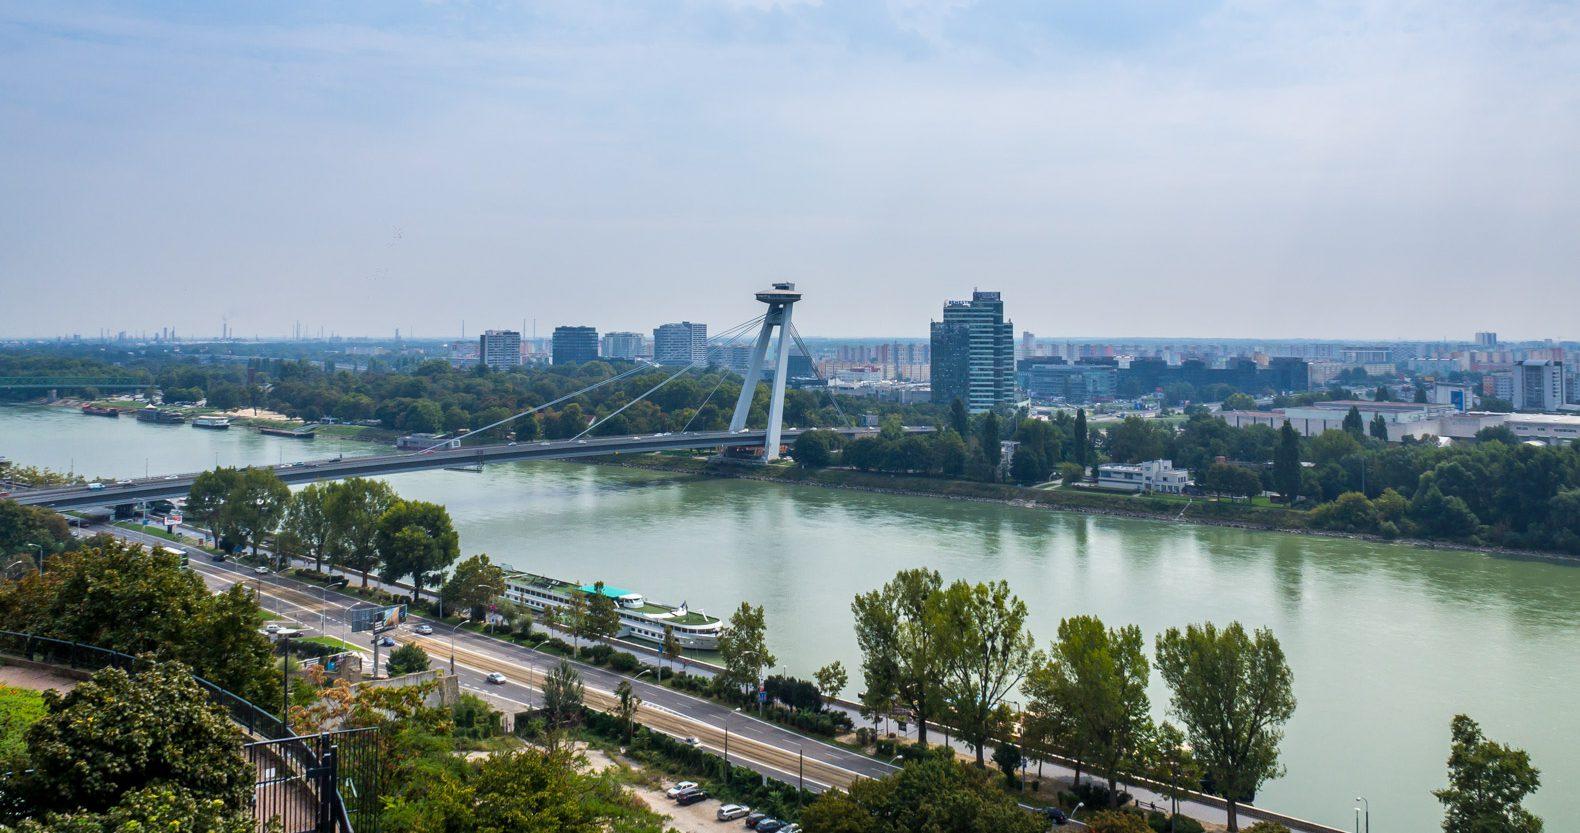 Bratislava: Vista of the Danube river